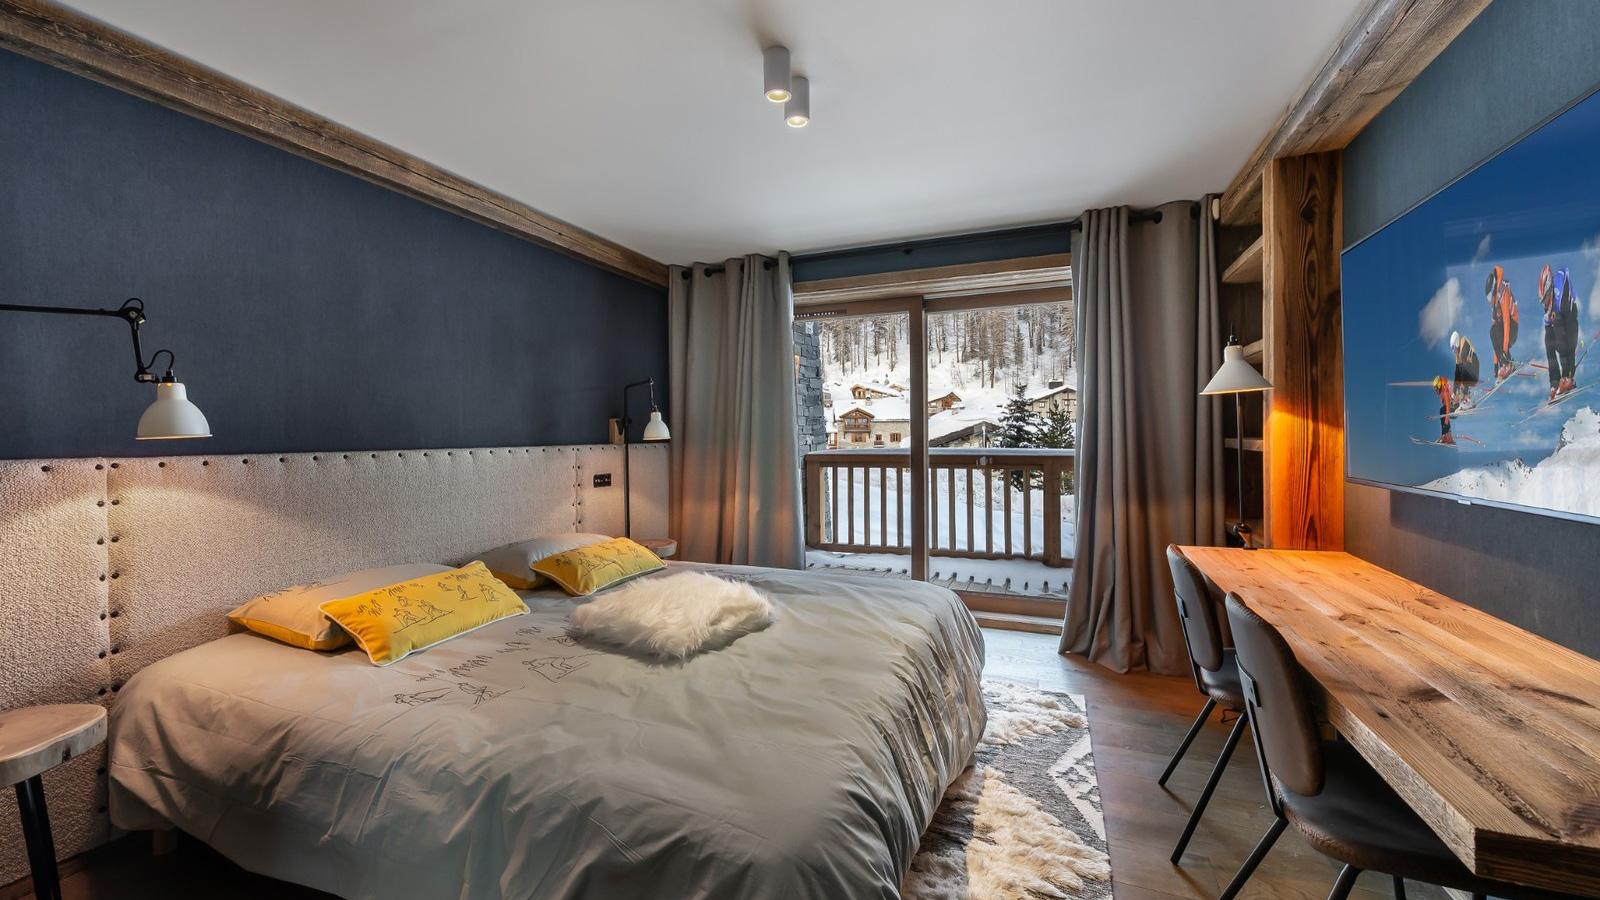 Chalet Petite Etoile Apartments, France